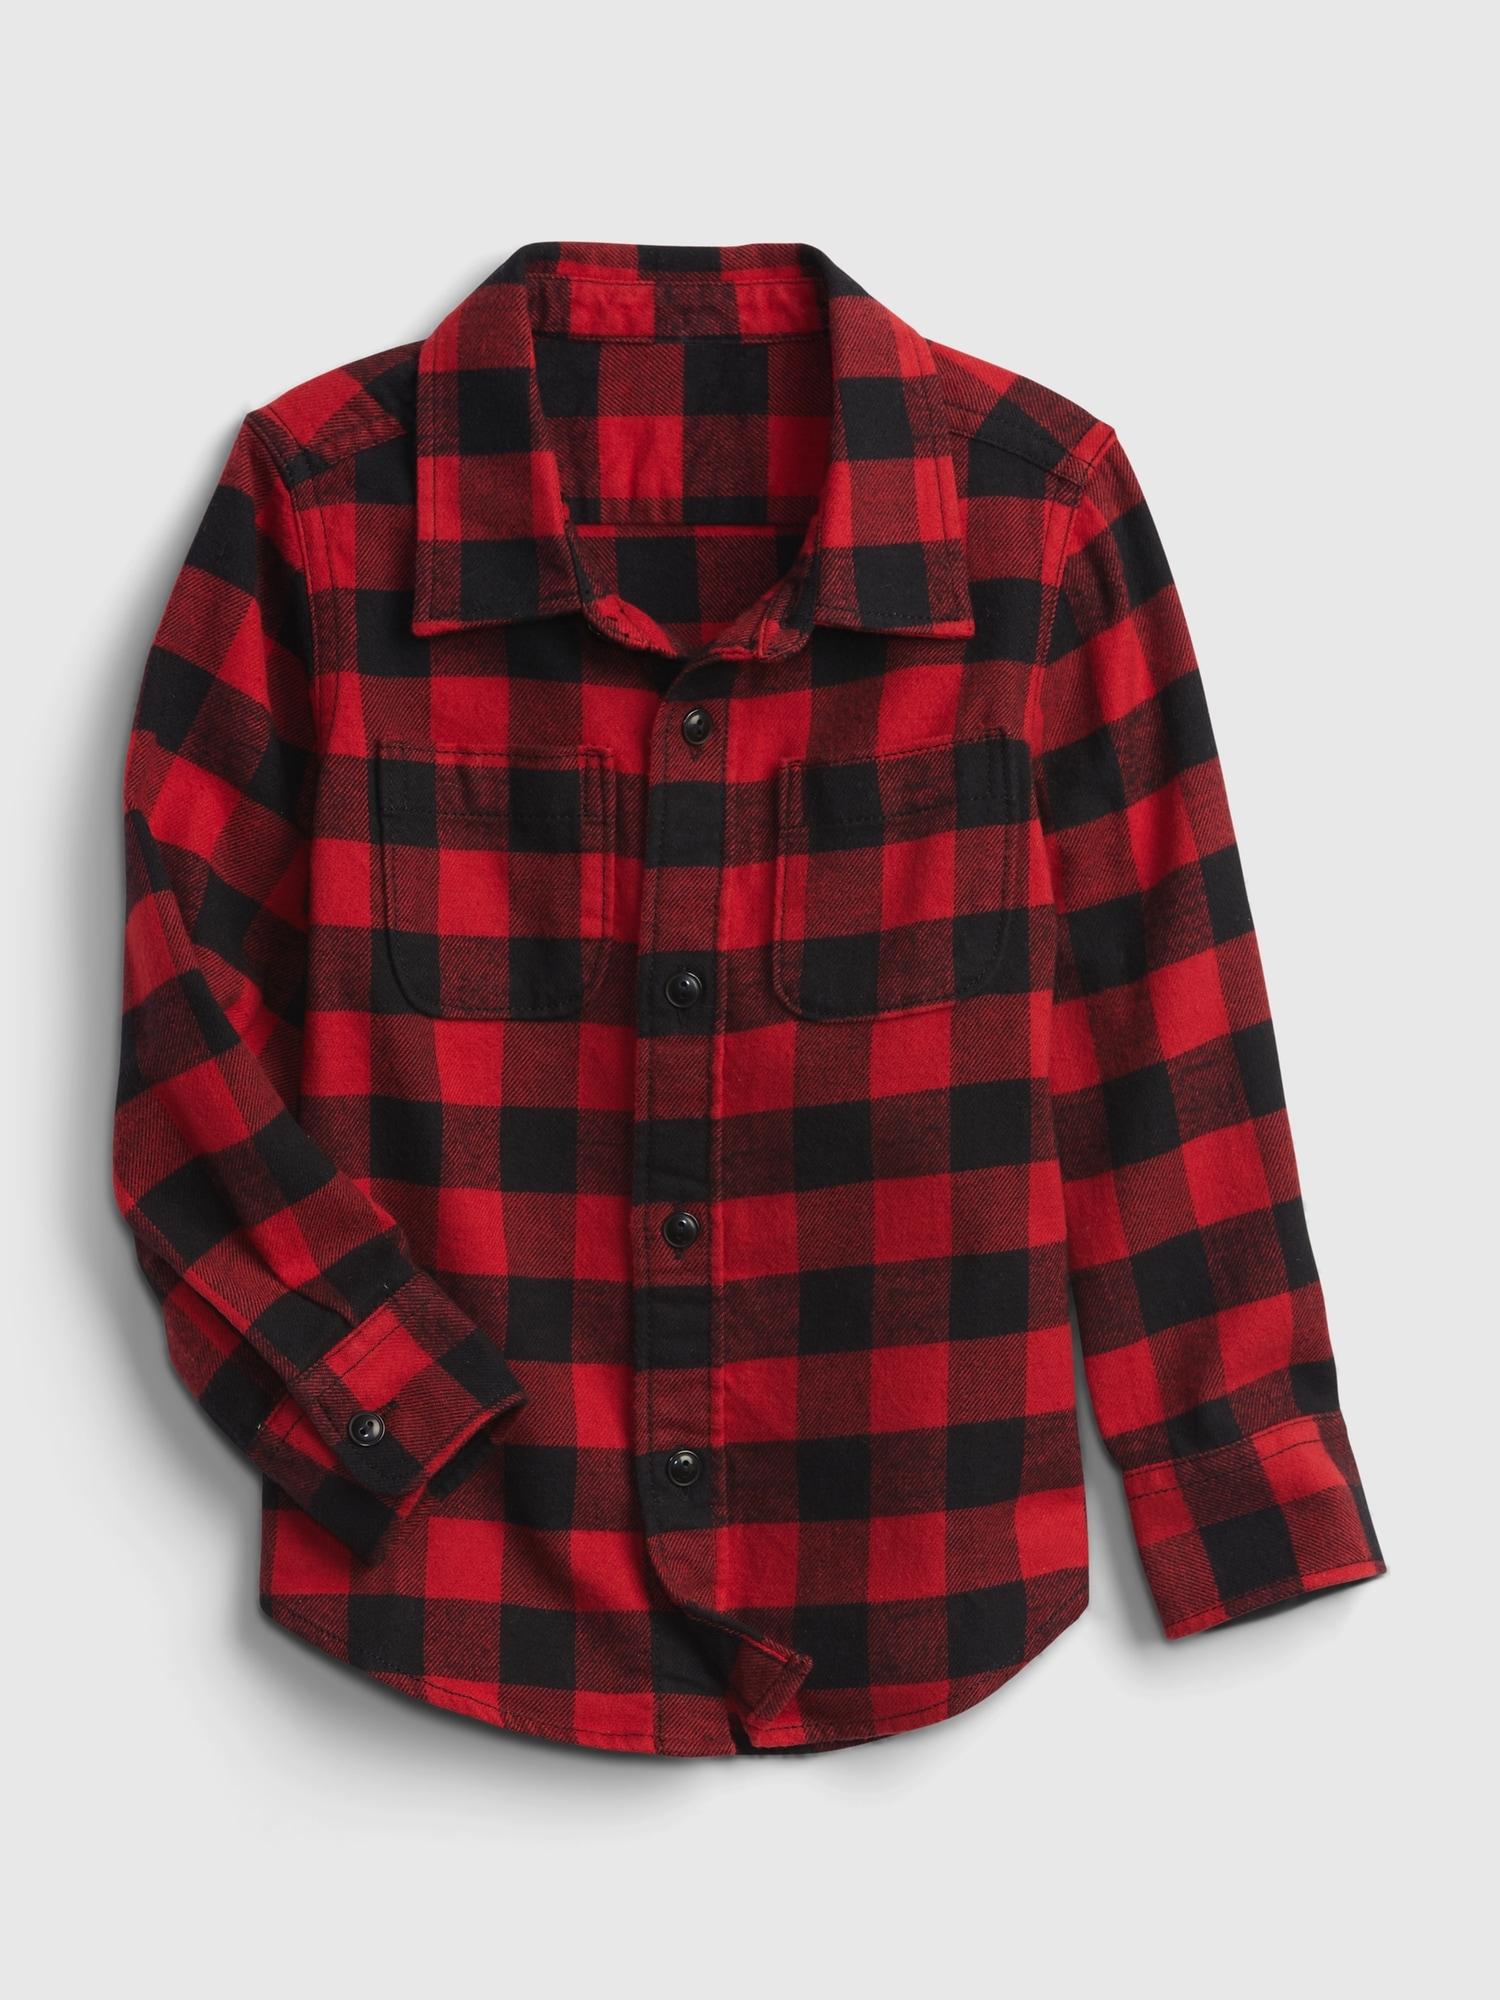 オーガニックコットン100% フランネルシャツ (幼児)